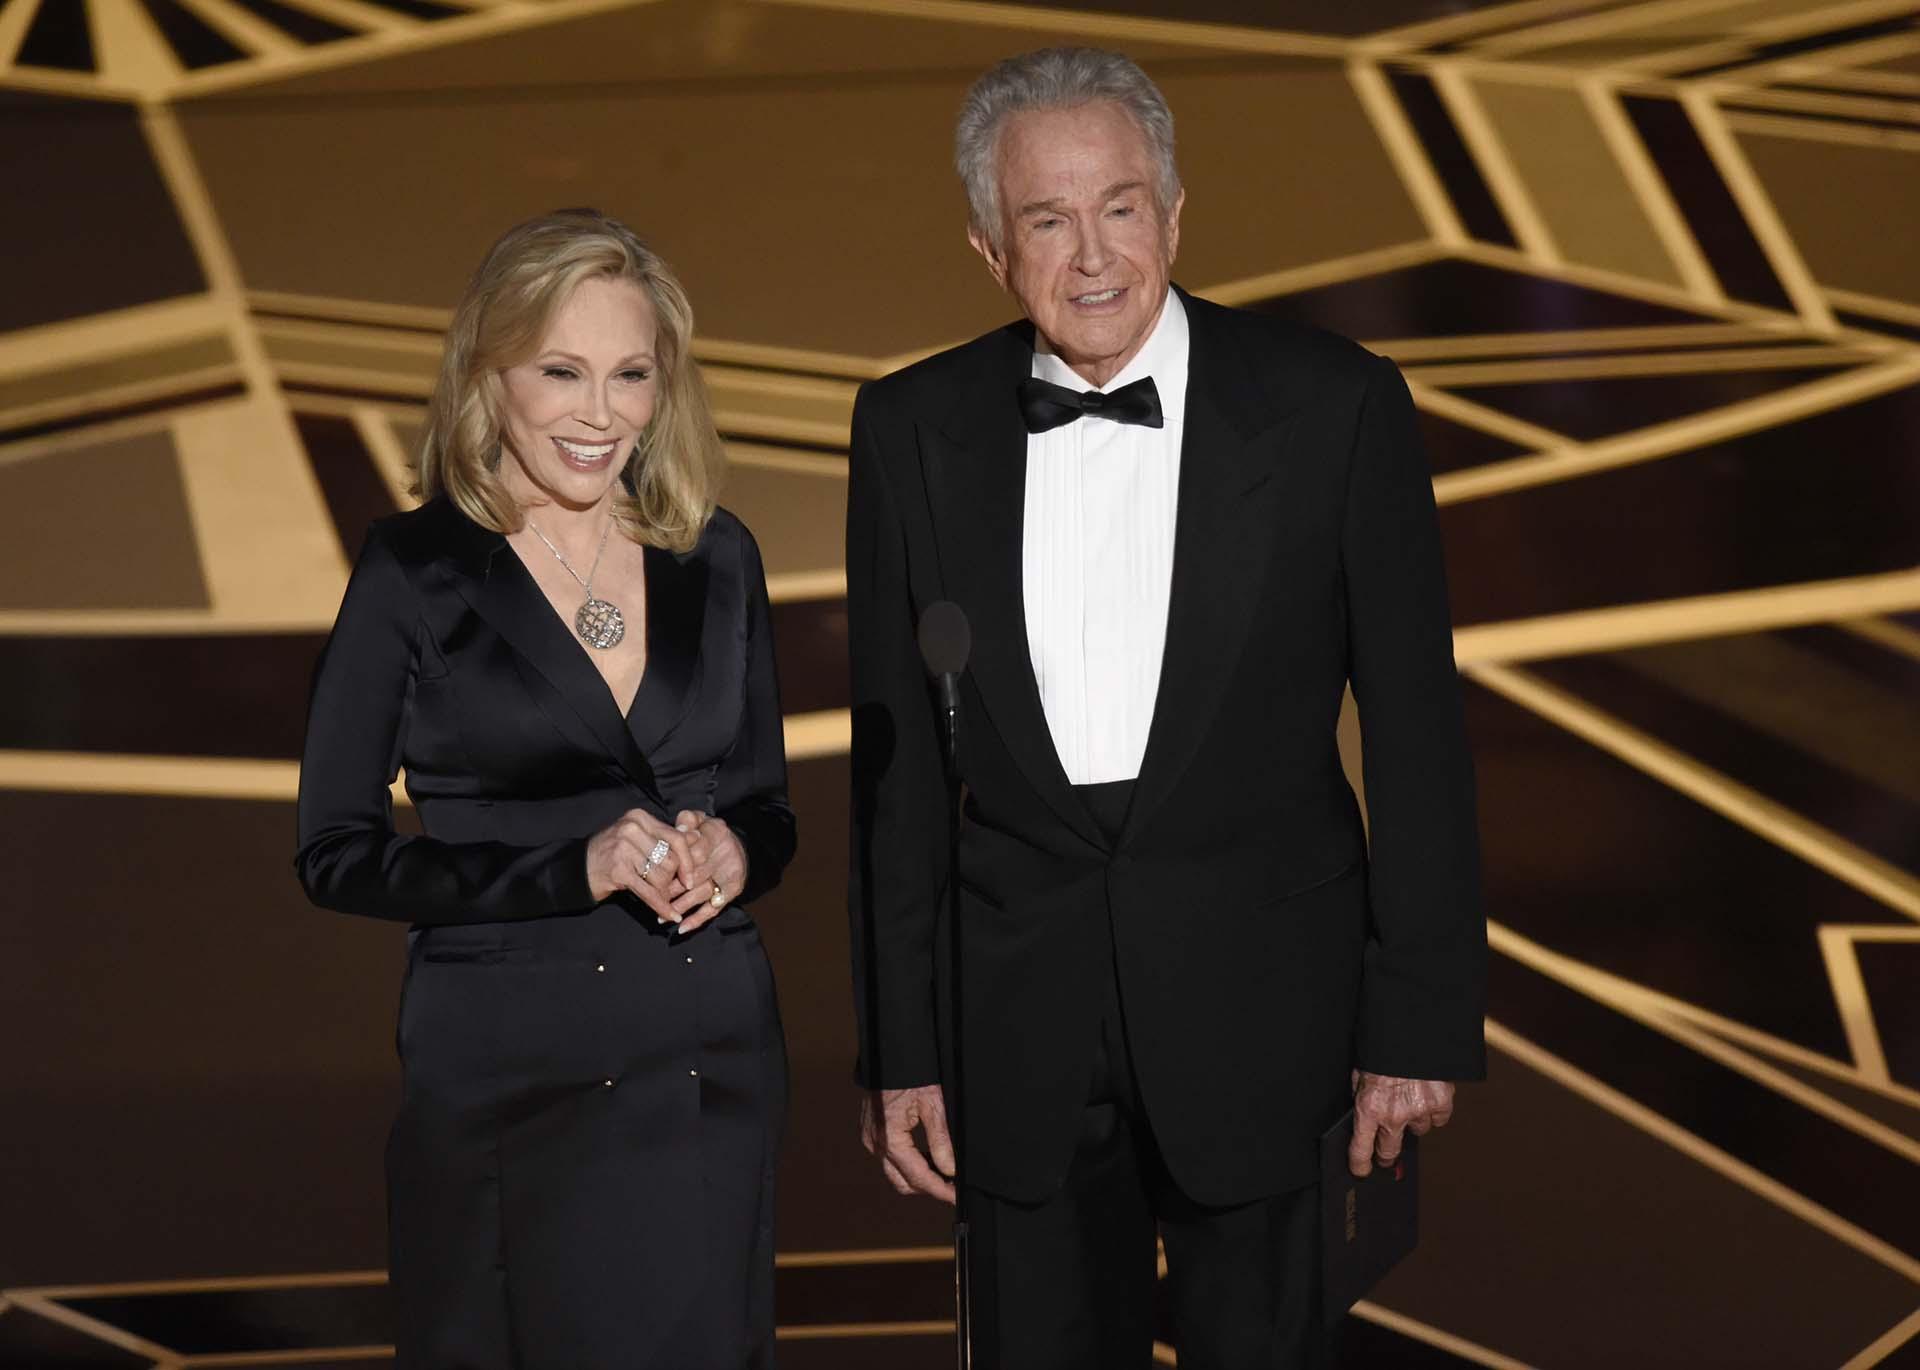 Faye Dunaway y Warren Beatty presentaron el Oscar a la Mejor película en el Dolby Theatre de Los Angeles